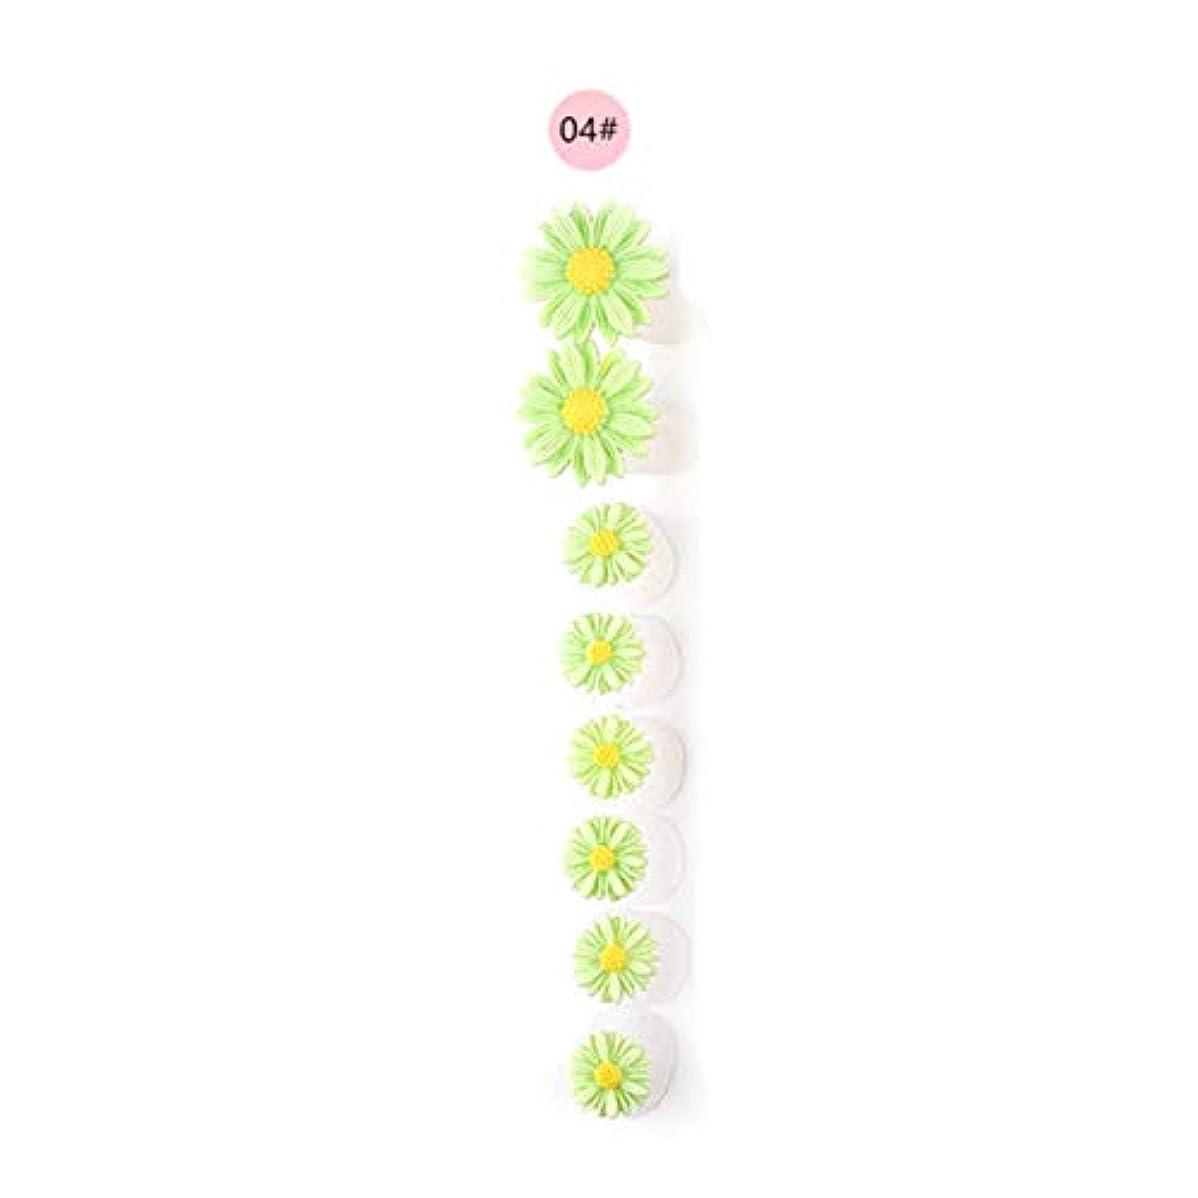 フィードオン脳賢明な8ピース/セットシリコンつま先セパレーター足つま先スペーサー花形ペディキュアDIYネイルアートツール-カラフル04#